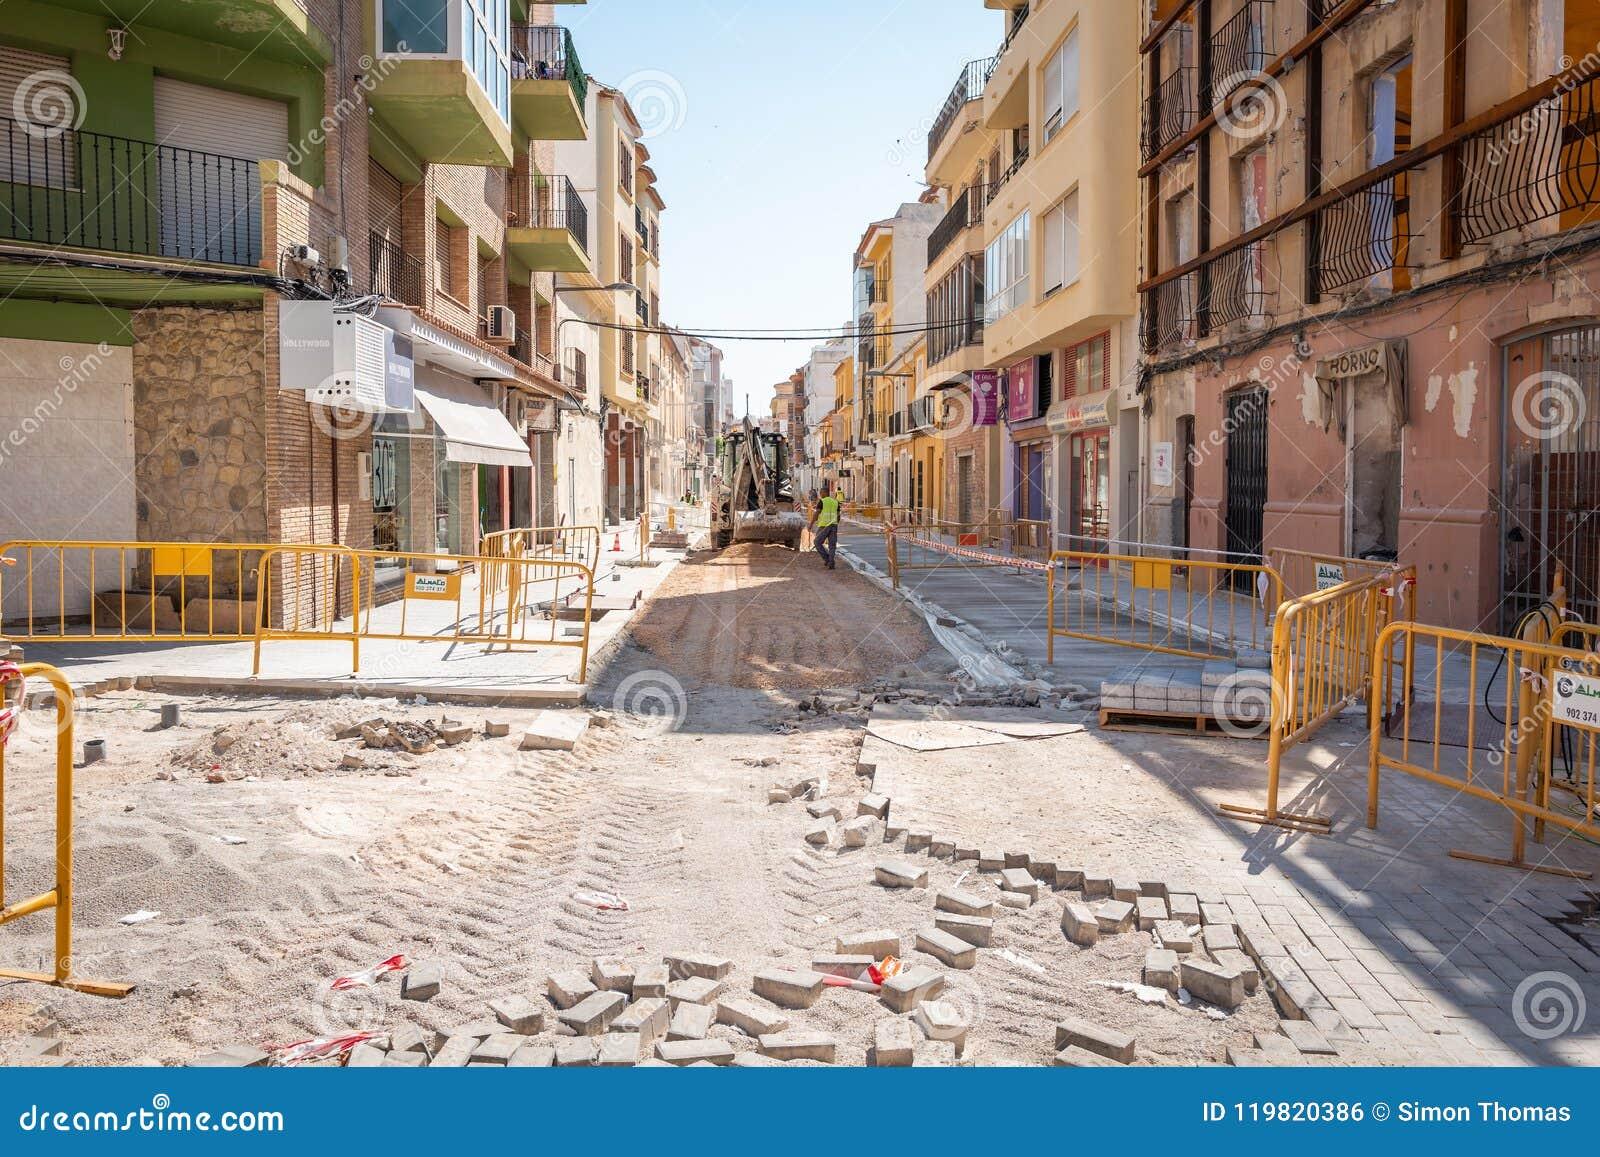 Pavimento Que Es : Trabajos del pavimento foto editorial. imagen de españa 119820386